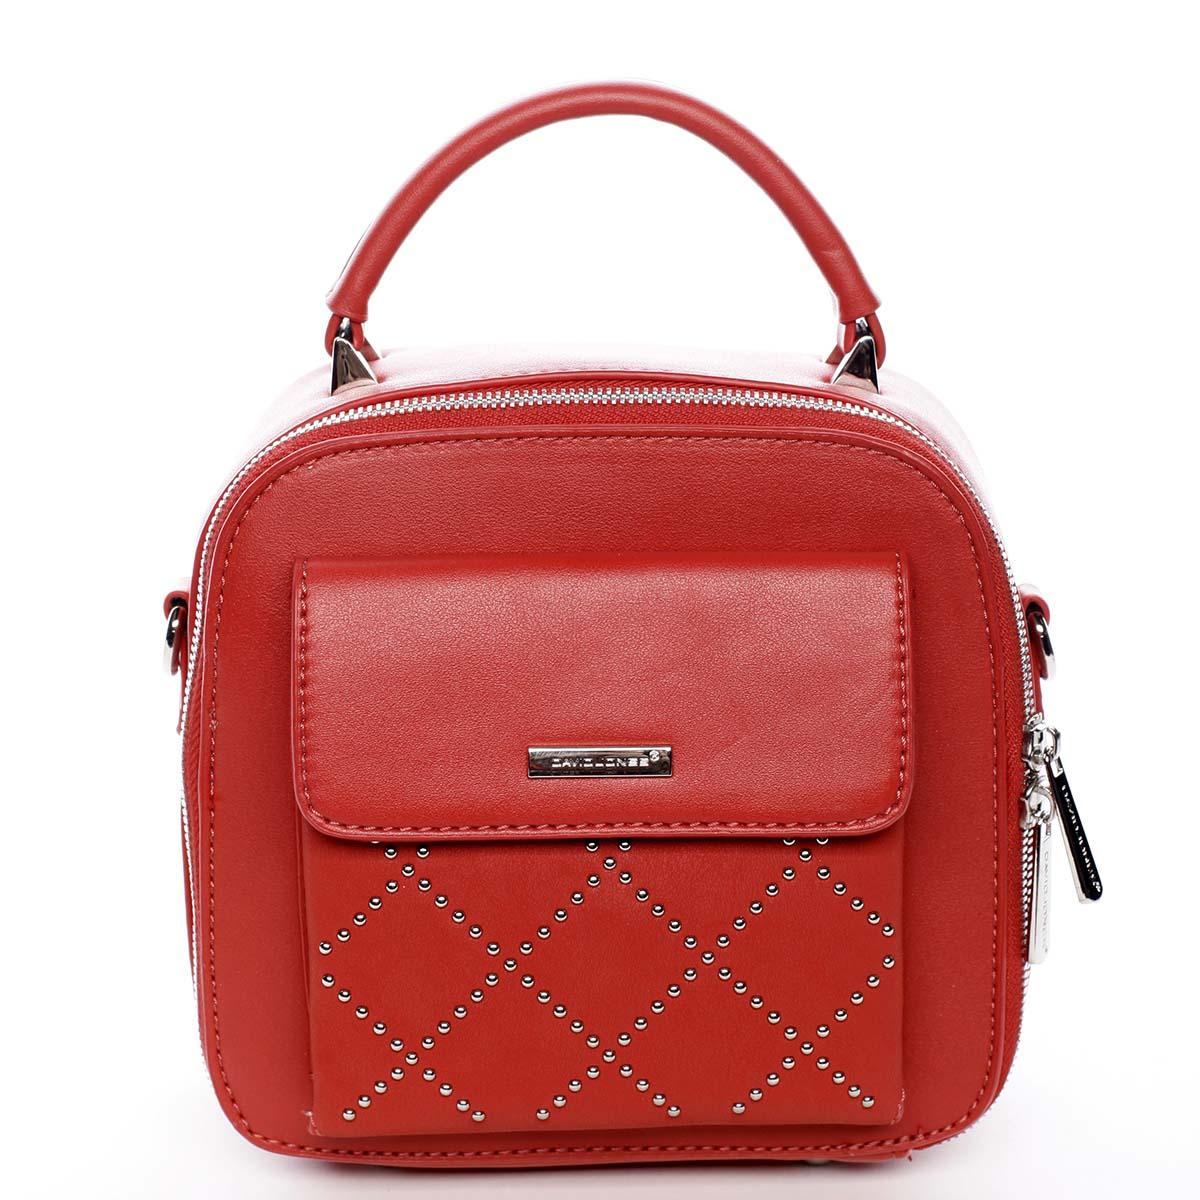 Luxusní malá dámská kabelka do ruky červená - David Jones Stela